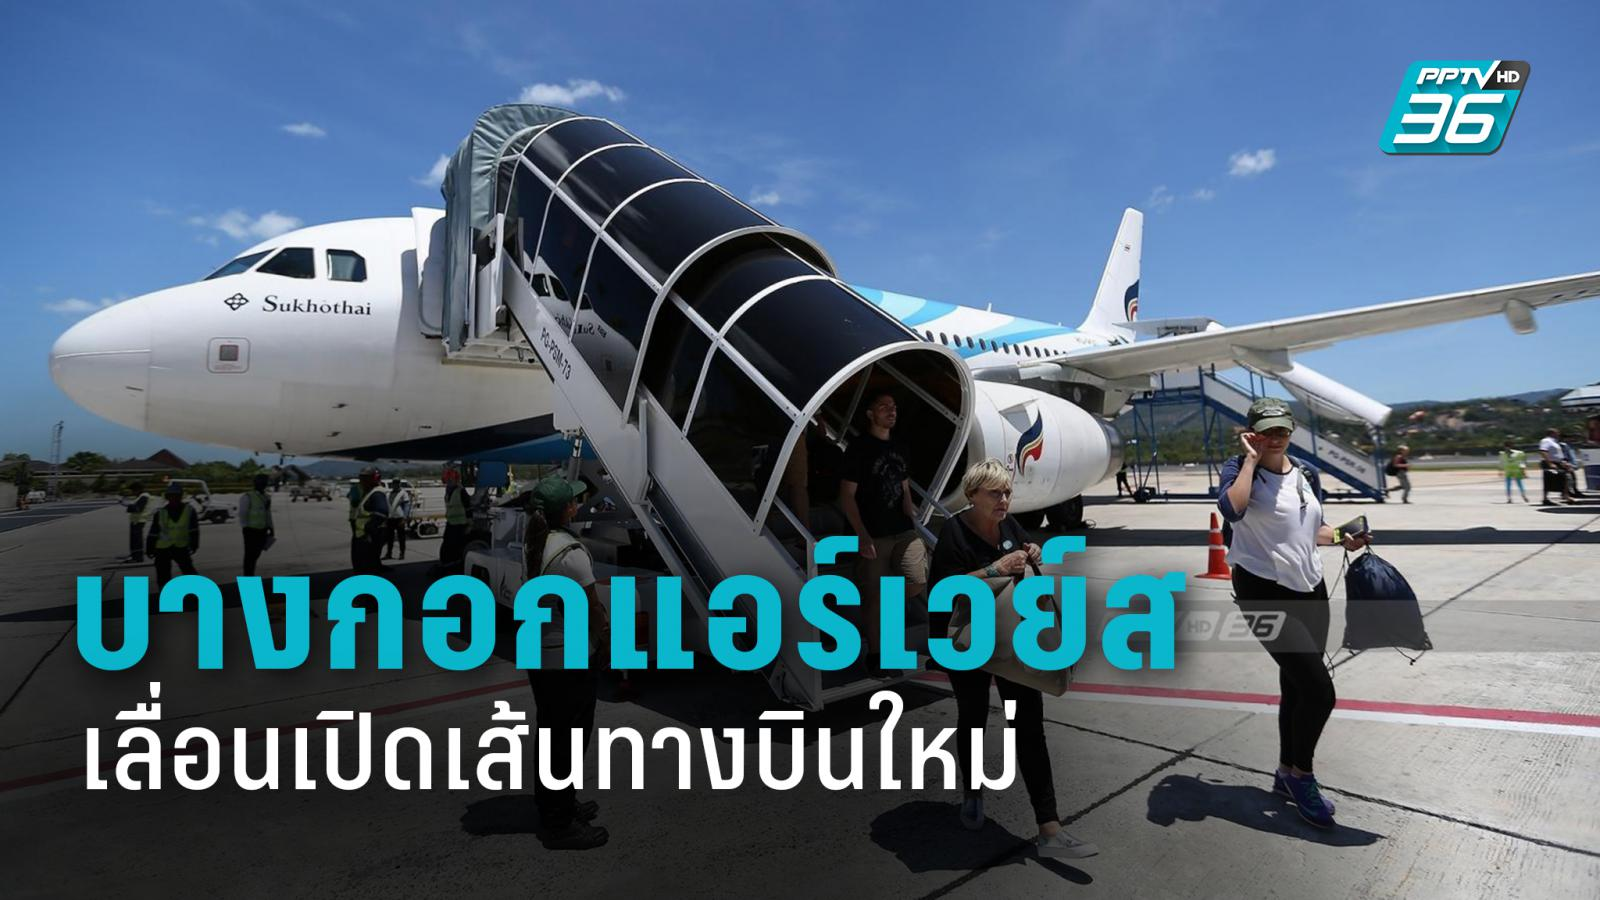 บางกอกแอร์เวย์ส เลื่อนเปิดเส้นทางบินใหม่ กรุงเทพฯ – แม่สอด